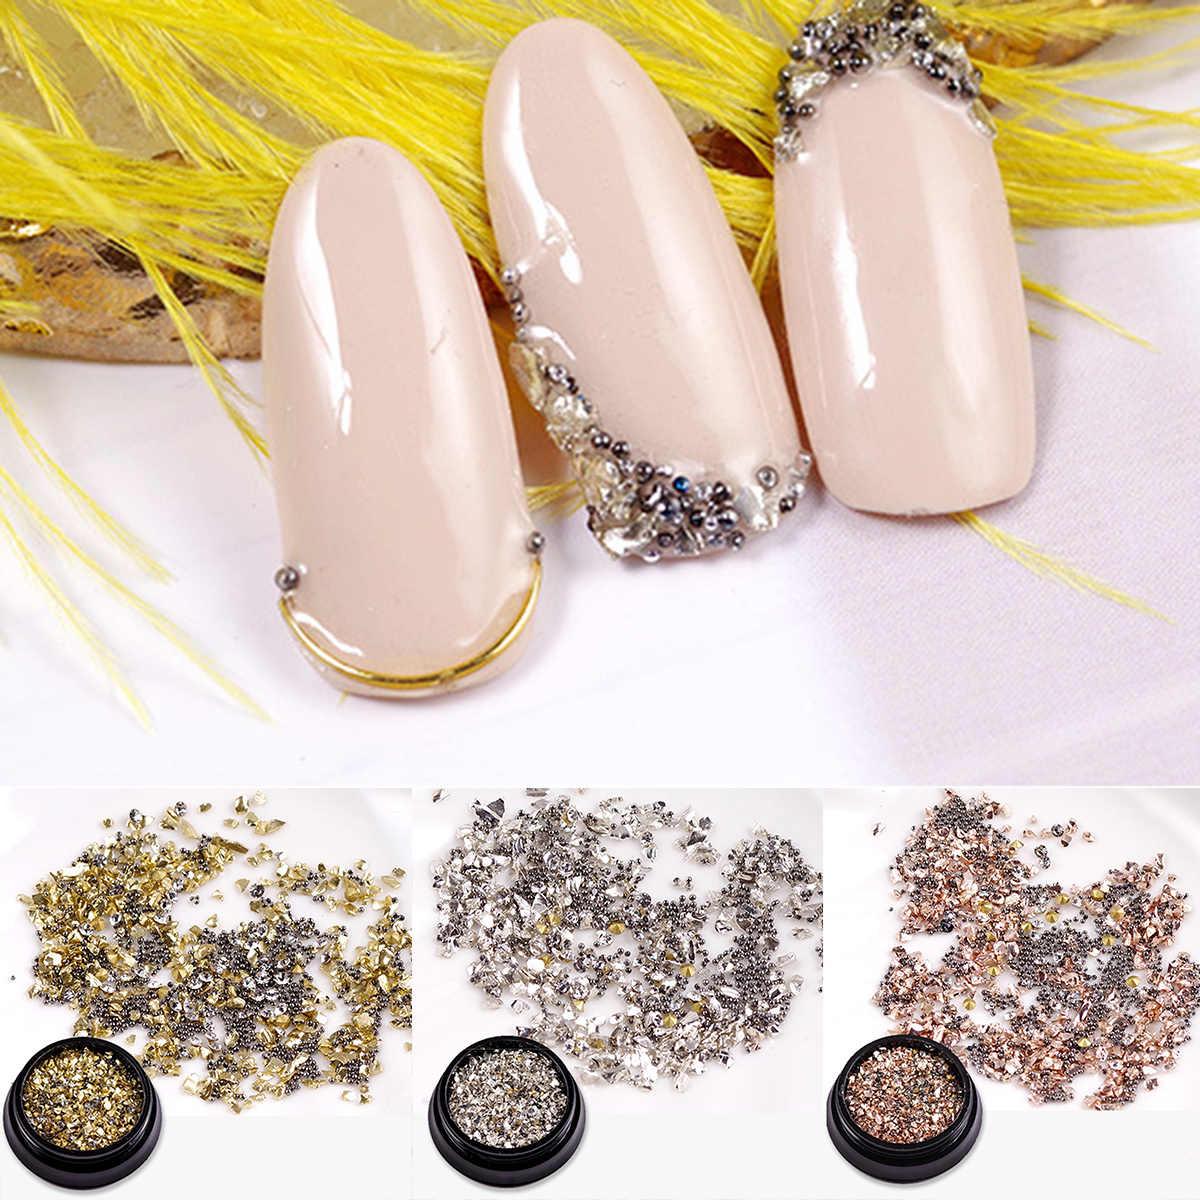 3D ネイルアート装飾ラインストーンスパークルラインストーン爪カッターヒントマニキュアツールミックス宝石デザイン UV ジェルネイルのヒントデコレーション Diy